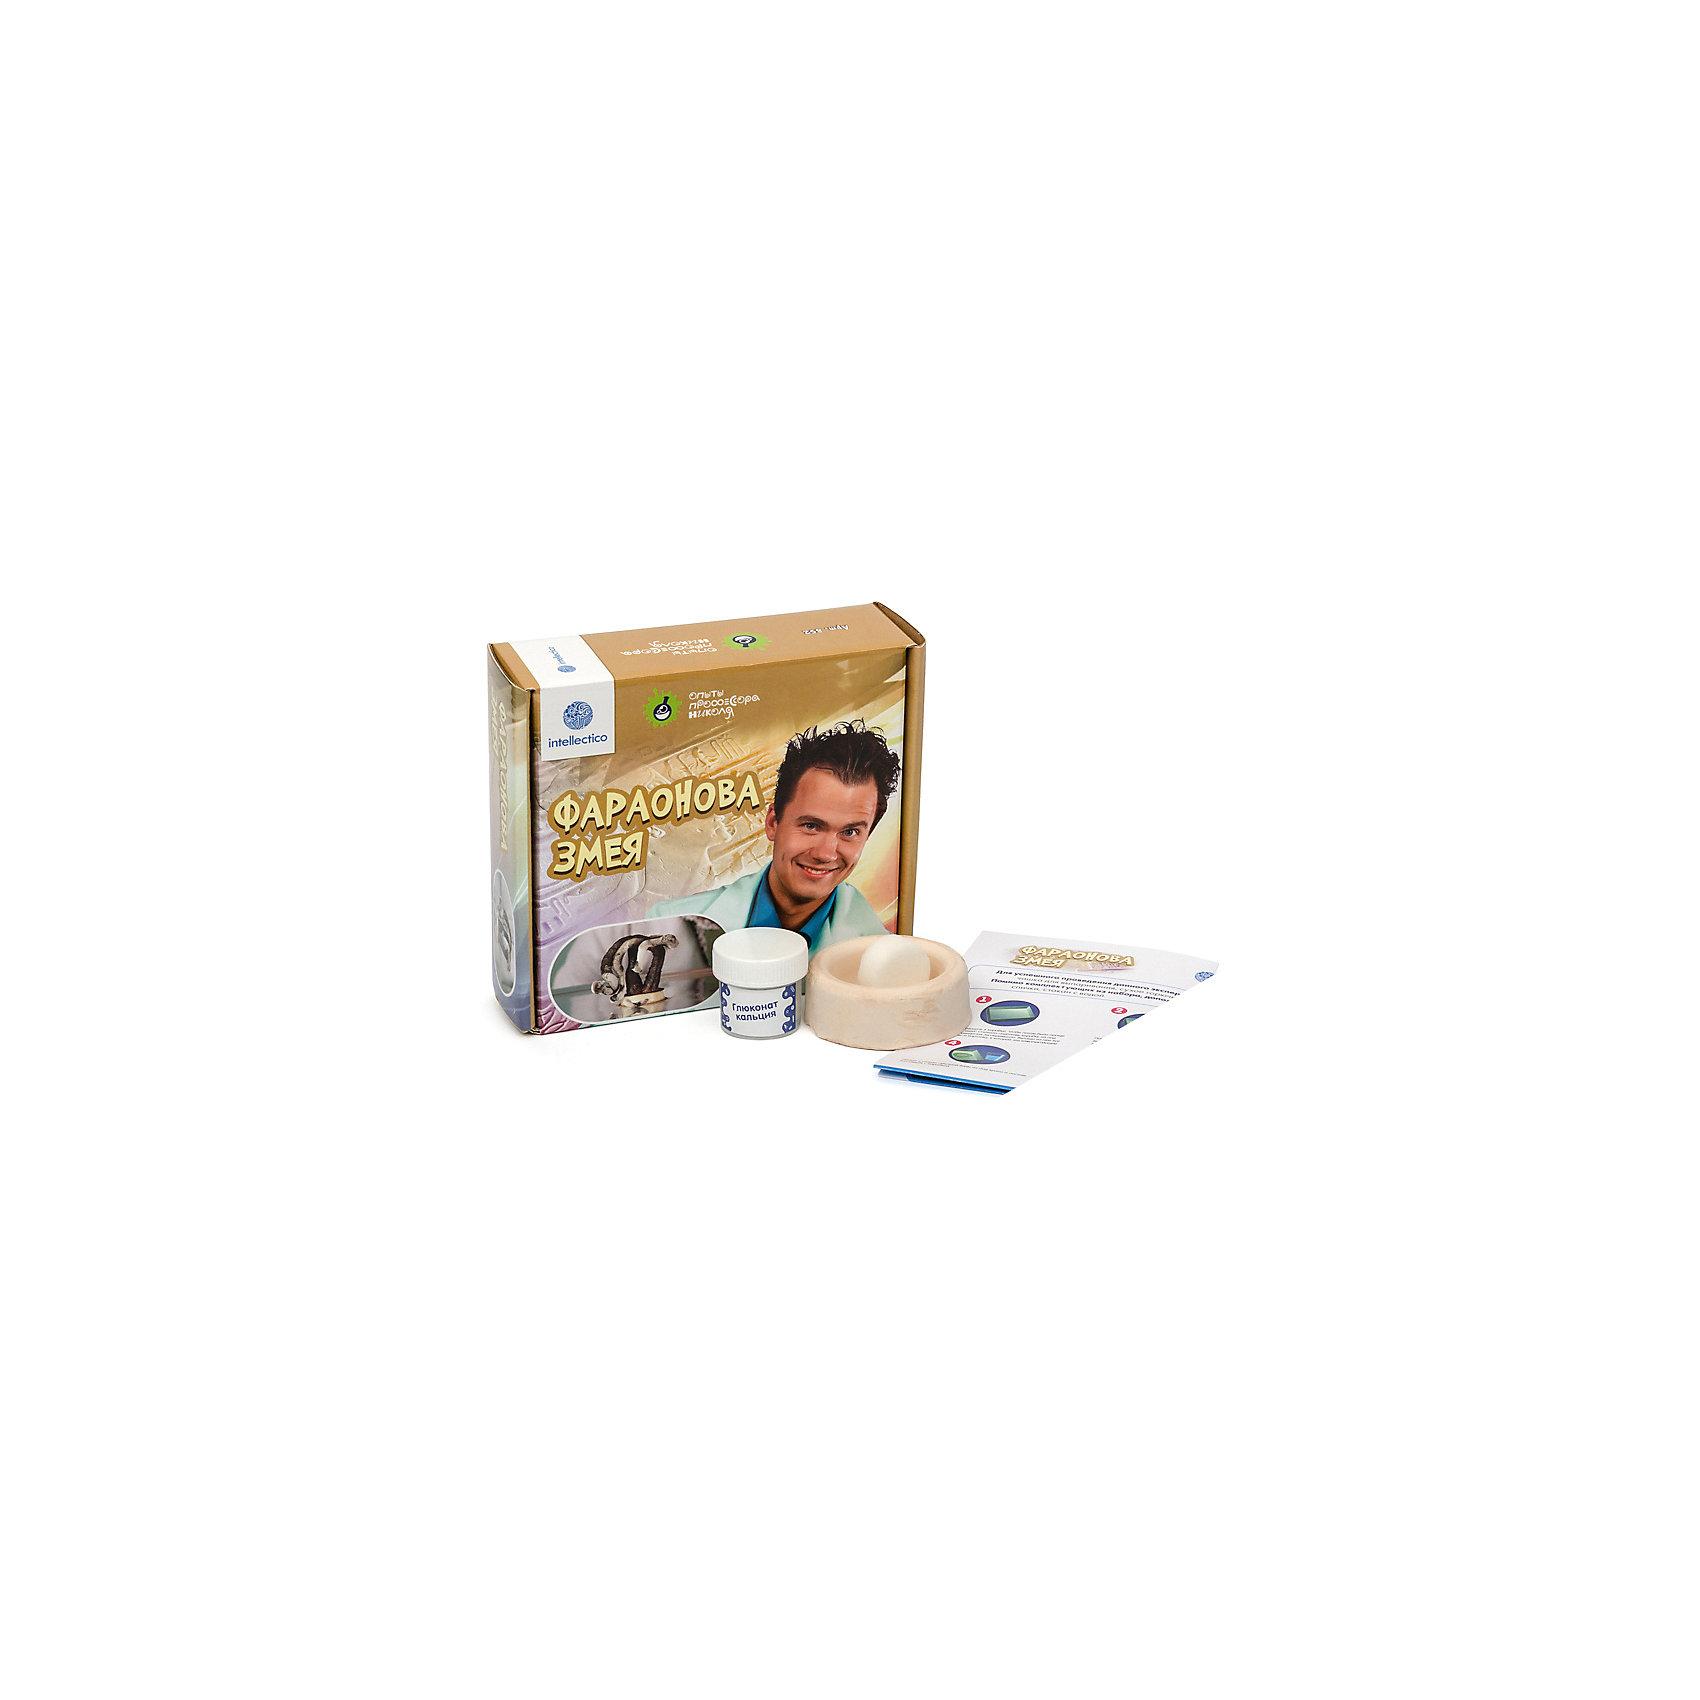 Набор для опытов с профессором Николя Фараонова змеяХимия<br>Характеристики товара:<br><br>• возраст: от 8 лет<br>• комплект: чашка - керамика, сухое горячее-уратропин, реактивы - глюконат кальция;<br>• размер упаковки: 15х16х5 см;<br>• упаковка: картонная коробка;<br>• страна бренда: Россия.<br><br>«Опыты профессора Николя» познакомят ребенка с азами увлекательной науки — химии. С  таким интересным набором каждый сможет почувствовать себя настоящим ученым. <br><br>В представленном комплекте есть  все для опыта «Фараонова змея»: керамическая чашка, сухое горючее и реактивы. Подобные опыты очень интересно проводить в кругу друзей. «Опыты профессора Николя» безопасны для детей, но проводить их лучше всего в компании взрослых.<br><br>«Опыты профессора Николя»  «Фараонова змея» можно купить в нашем интернет-магазине.<br><br>Ширина мм: 175<br>Глубина мм: 155<br>Высота мм: 50<br>Вес г: 160<br>Возраст от месяцев: 96<br>Возраст до месяцев: 2147483647<br>Пол: Унисекс<br>Возраст: Детский<br>SKU: 5263179